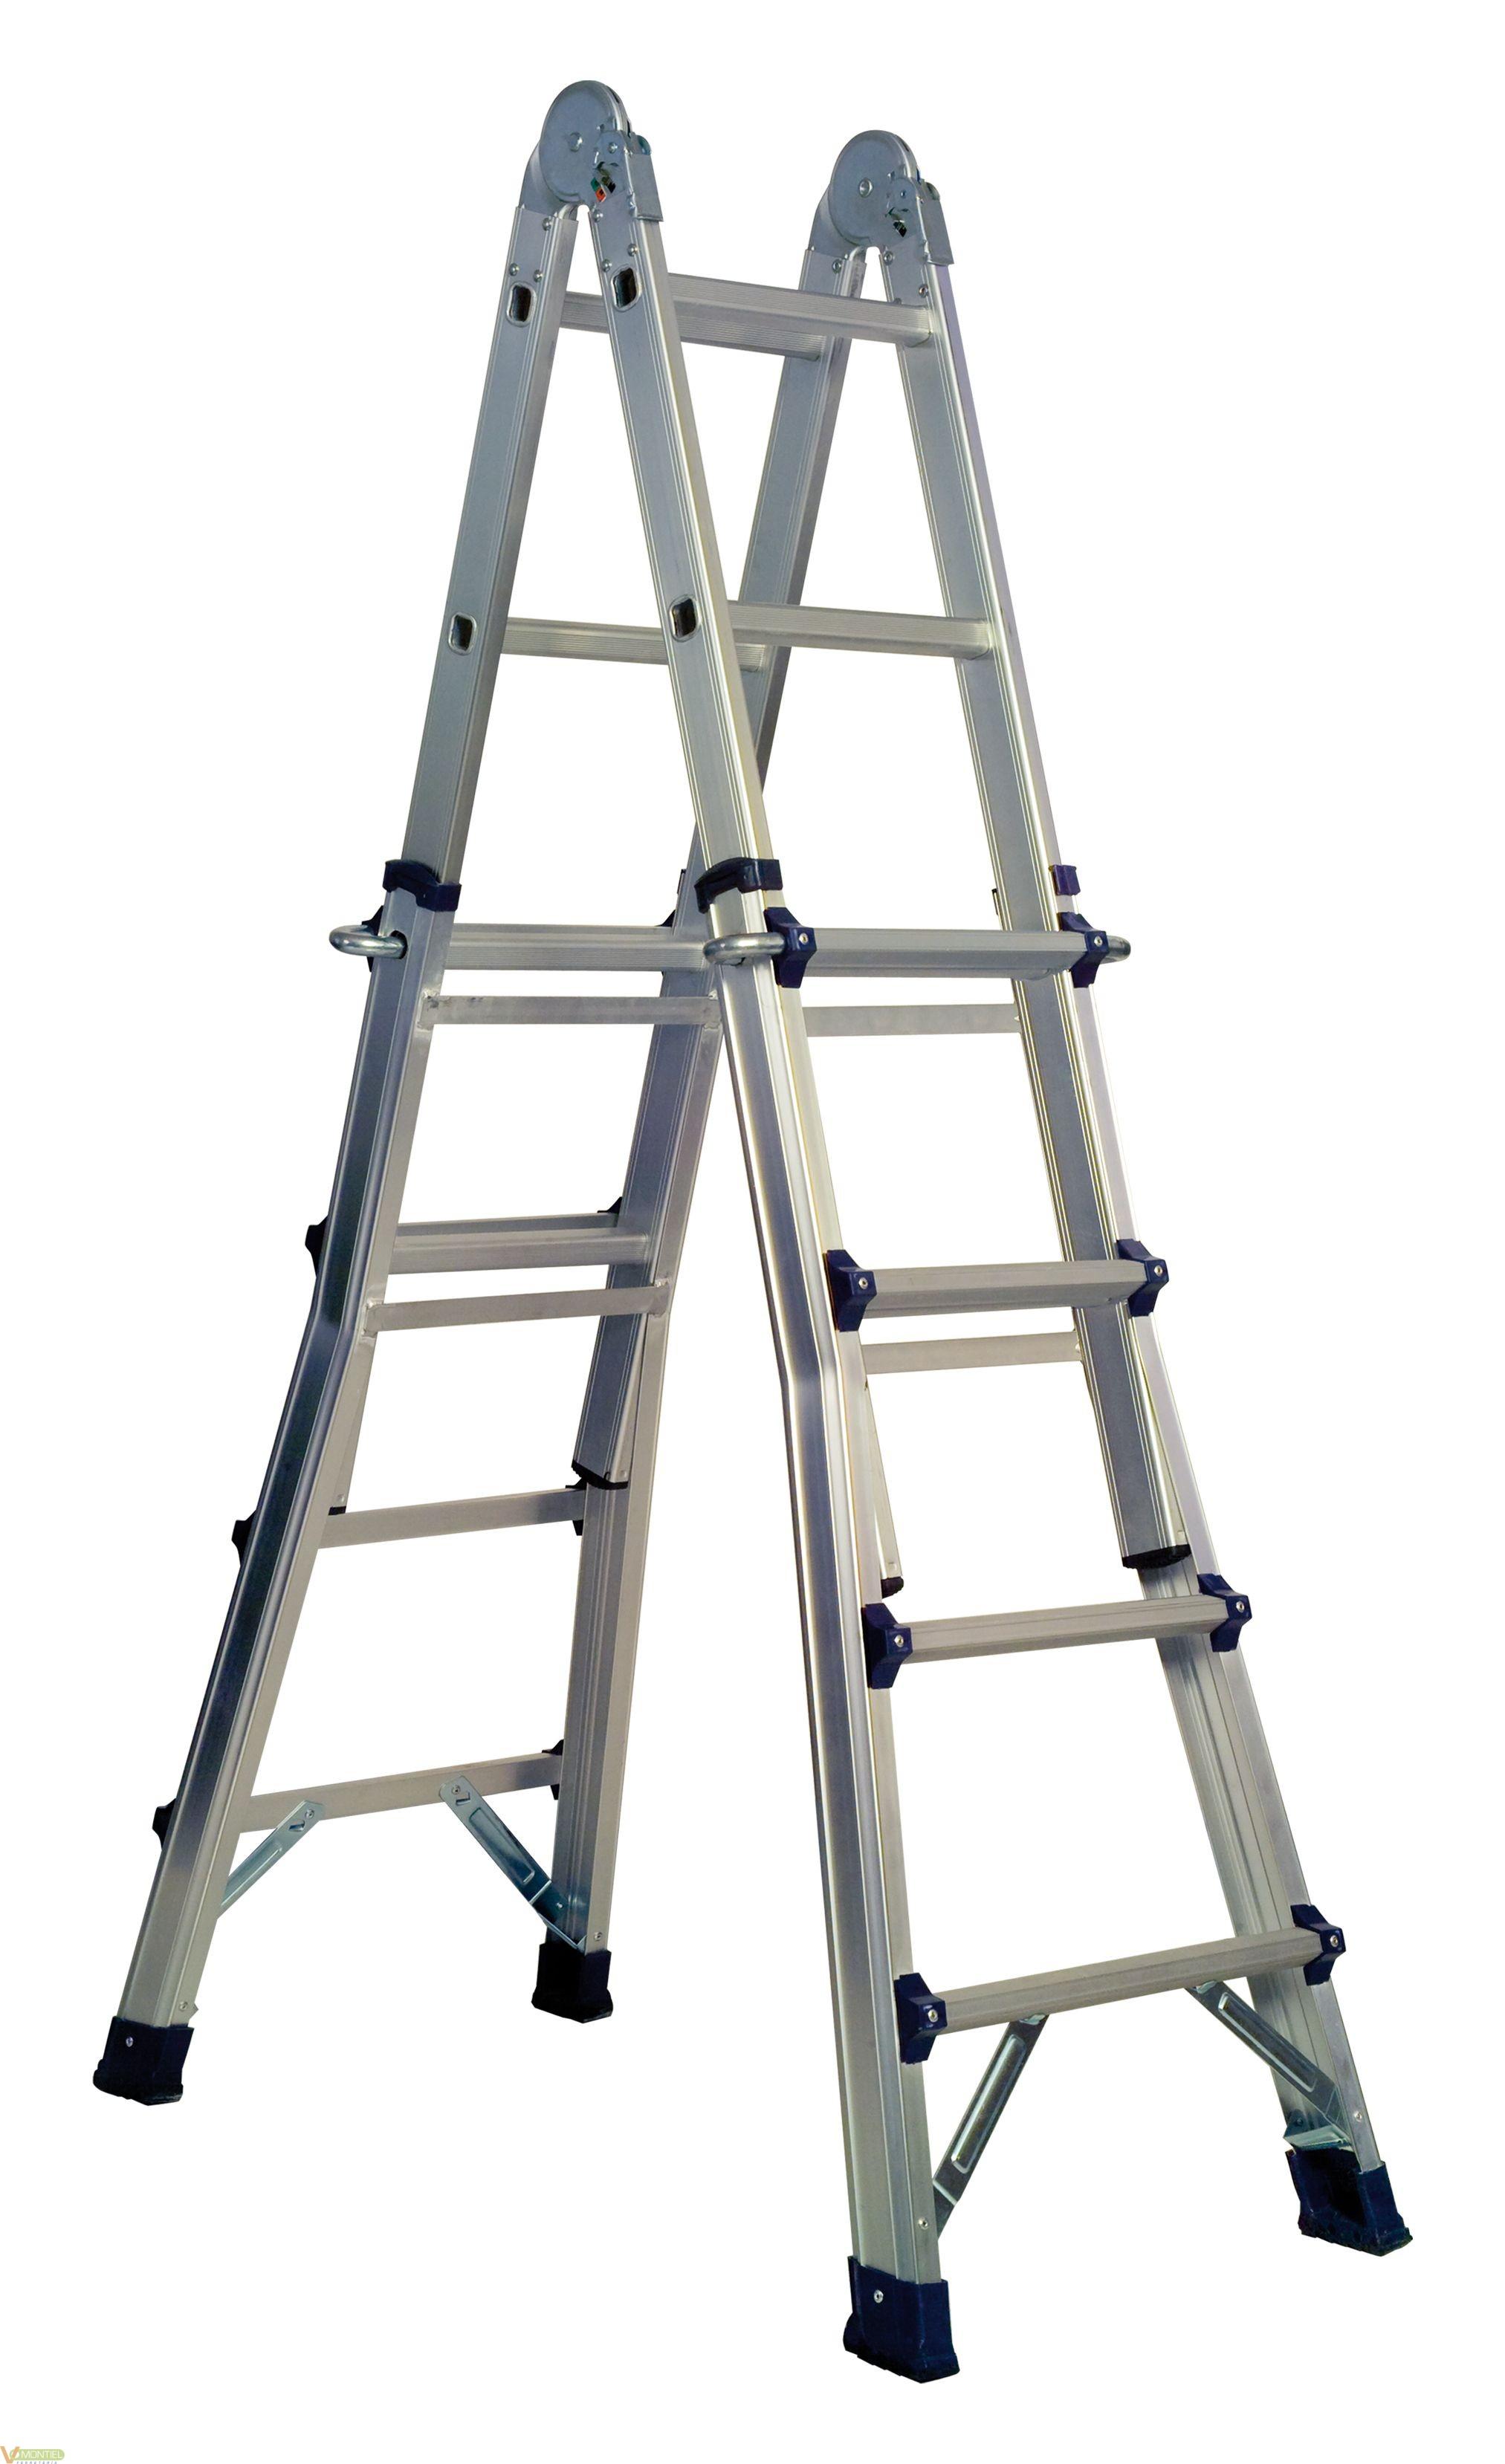 escalera multiusos aluminio 4x online escalera barata ForEscalera Multiusos